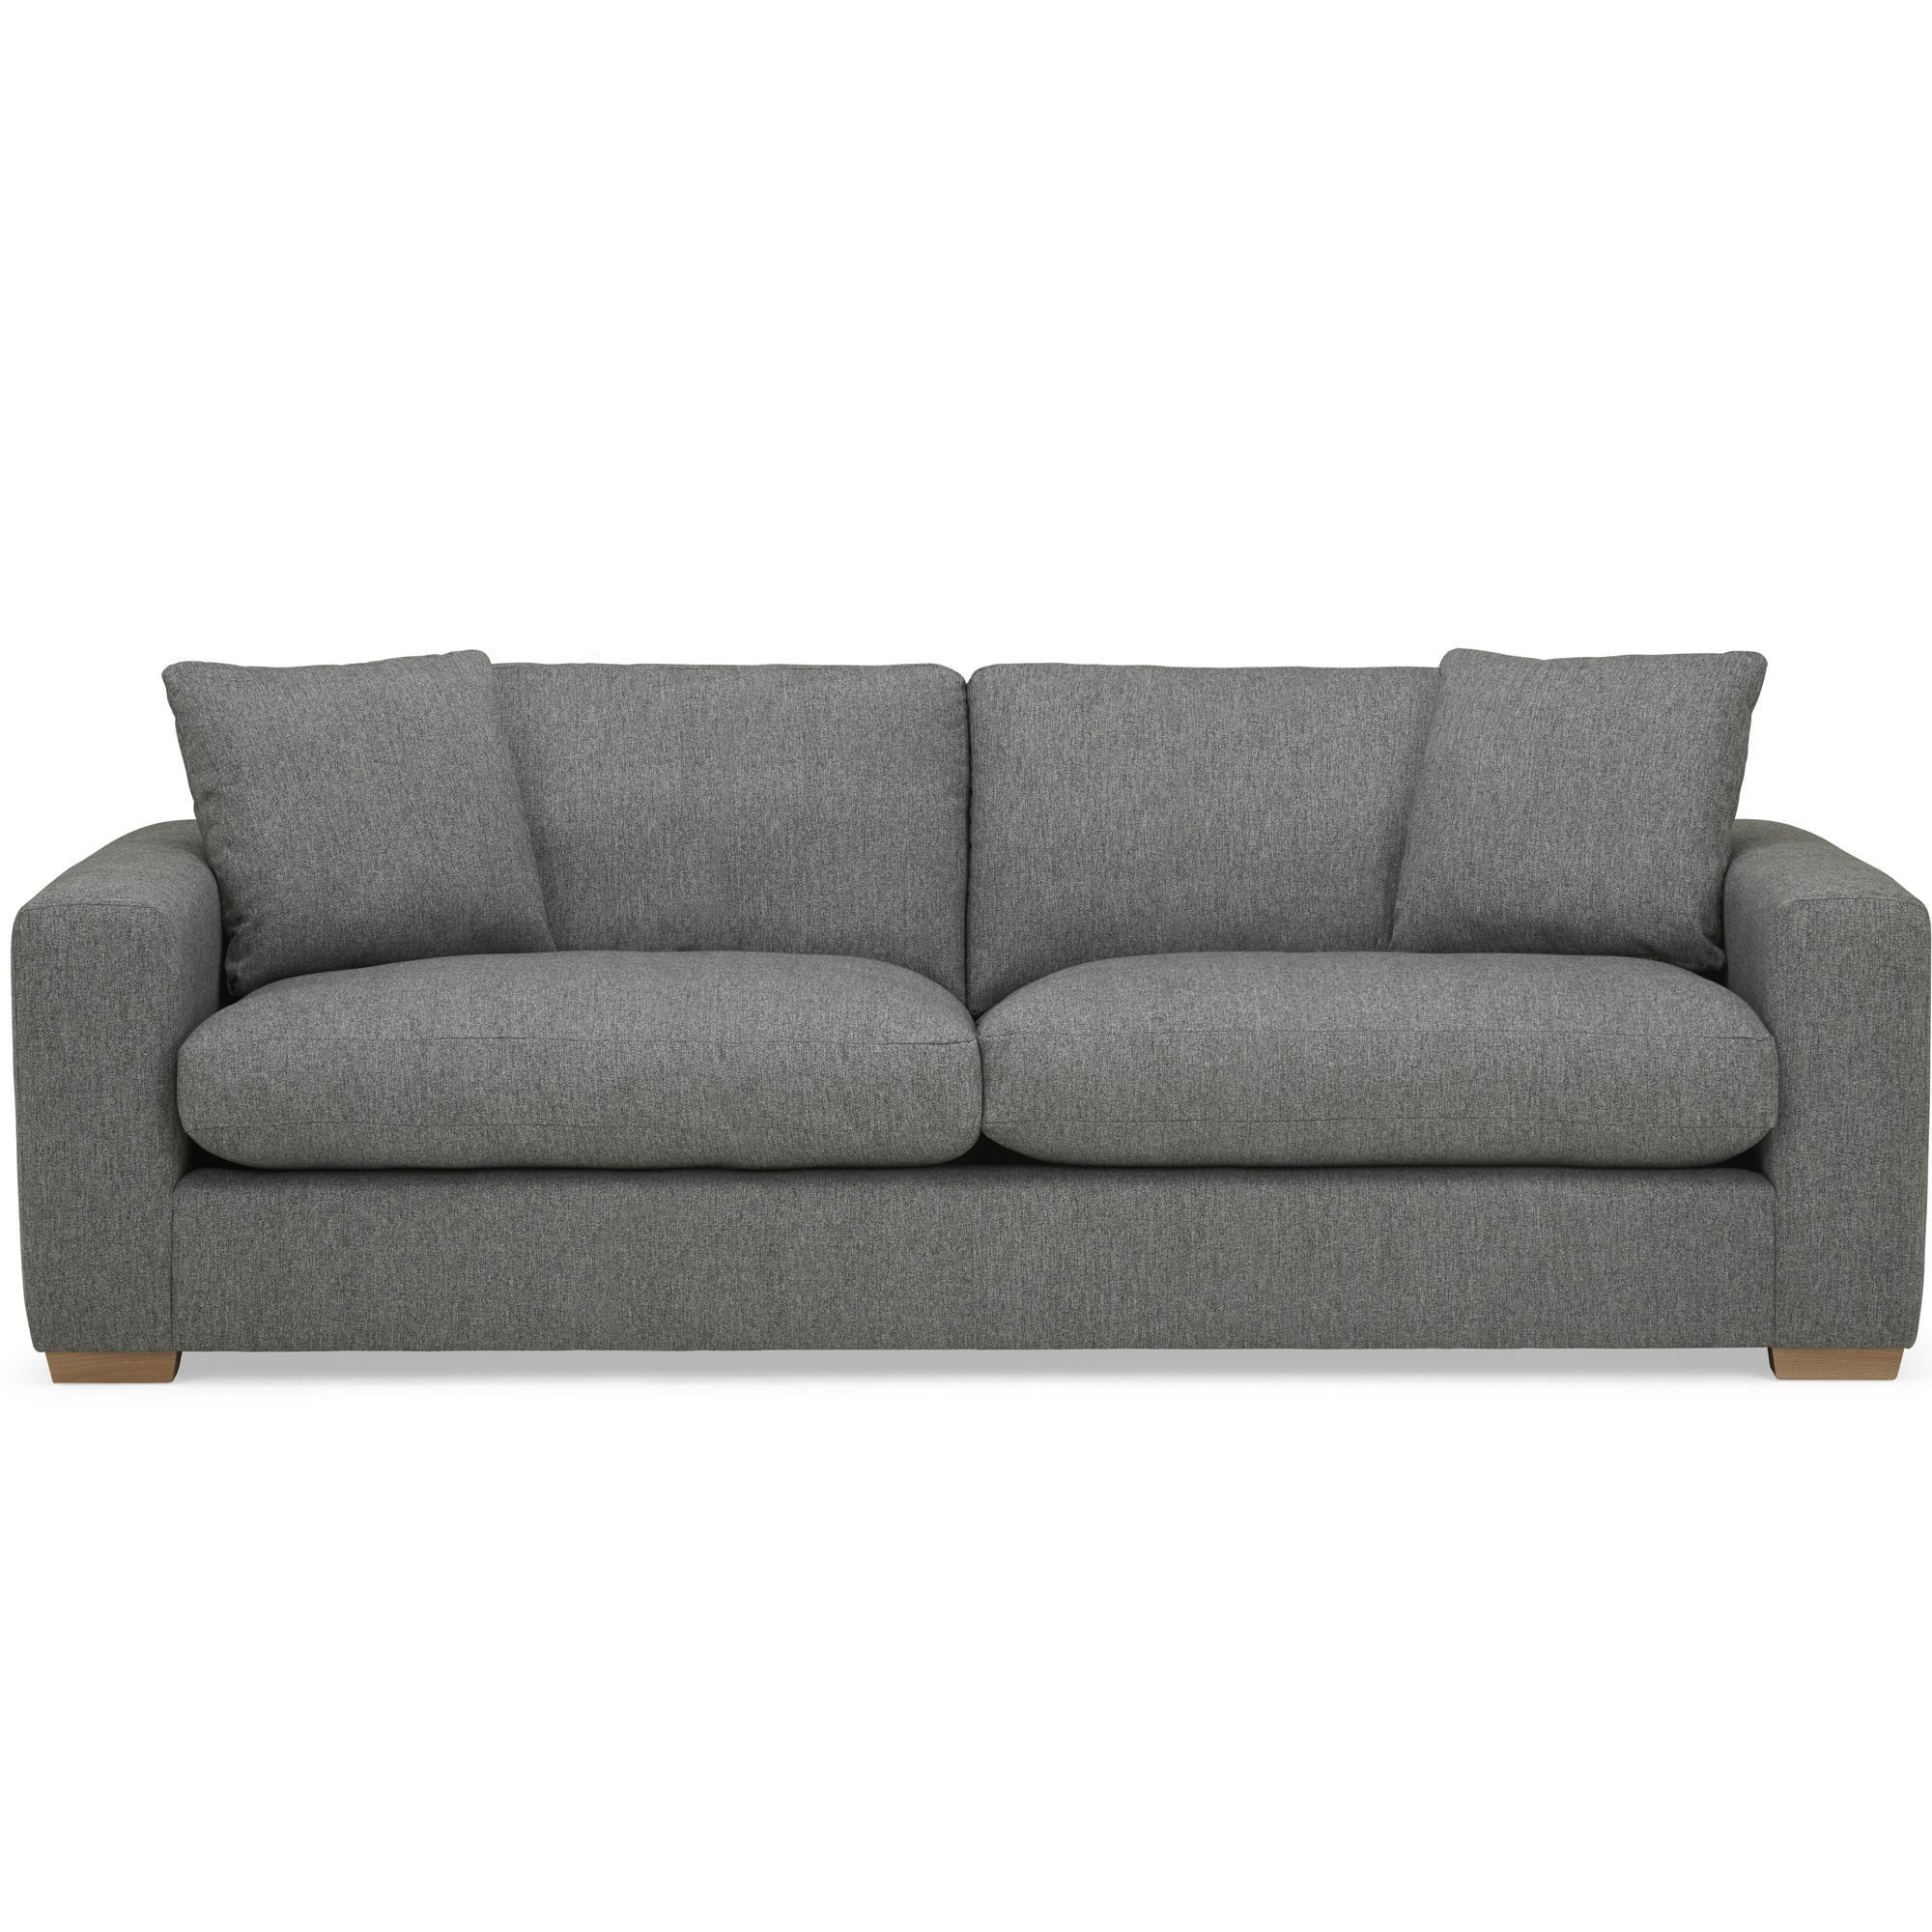 Porto Fabric 4 Seater Sofa Dark Grey In 2020 Sofa Dark Grey Grey Fabric